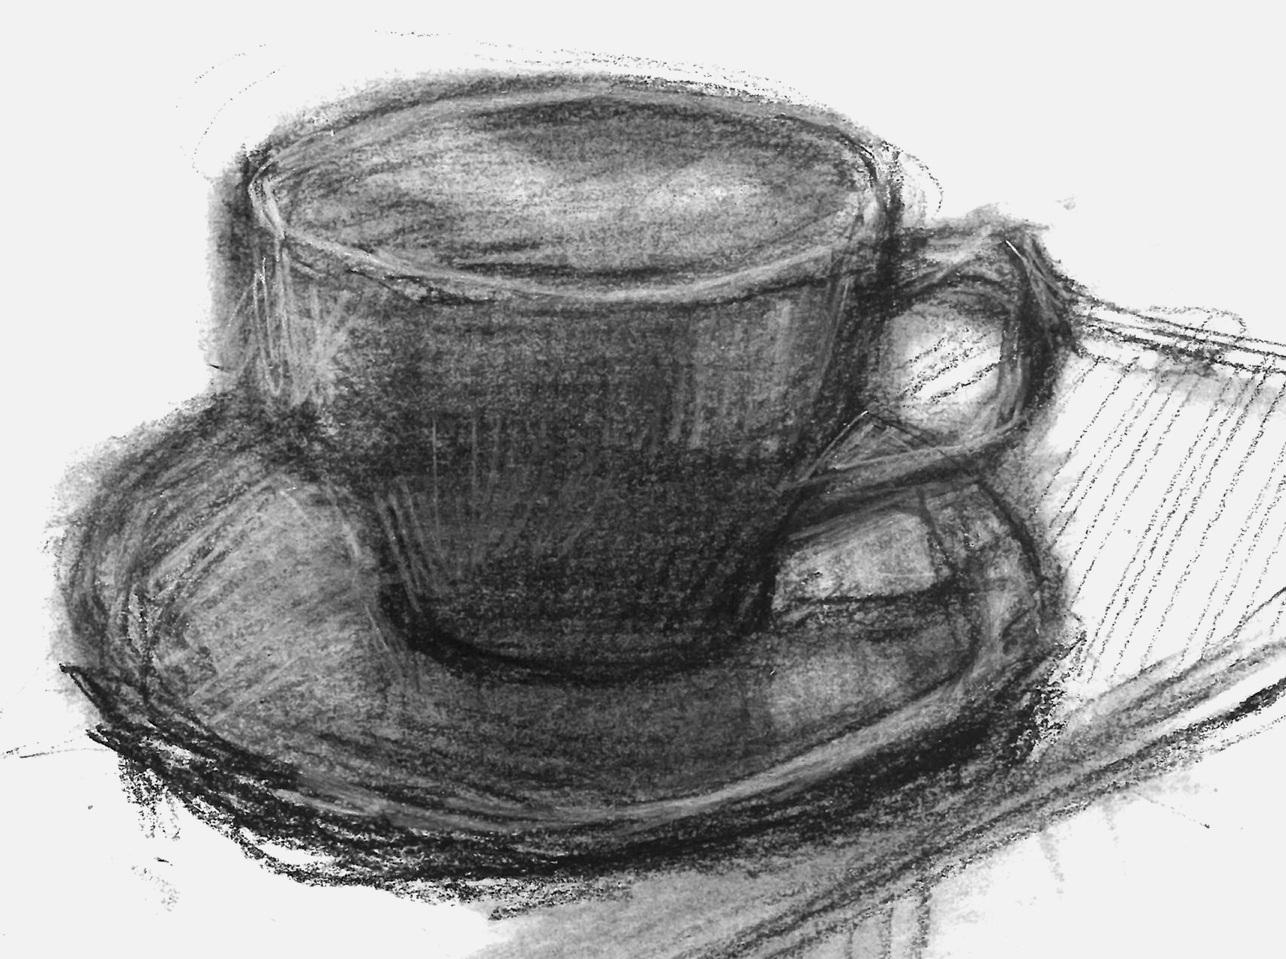 Ben's teacup